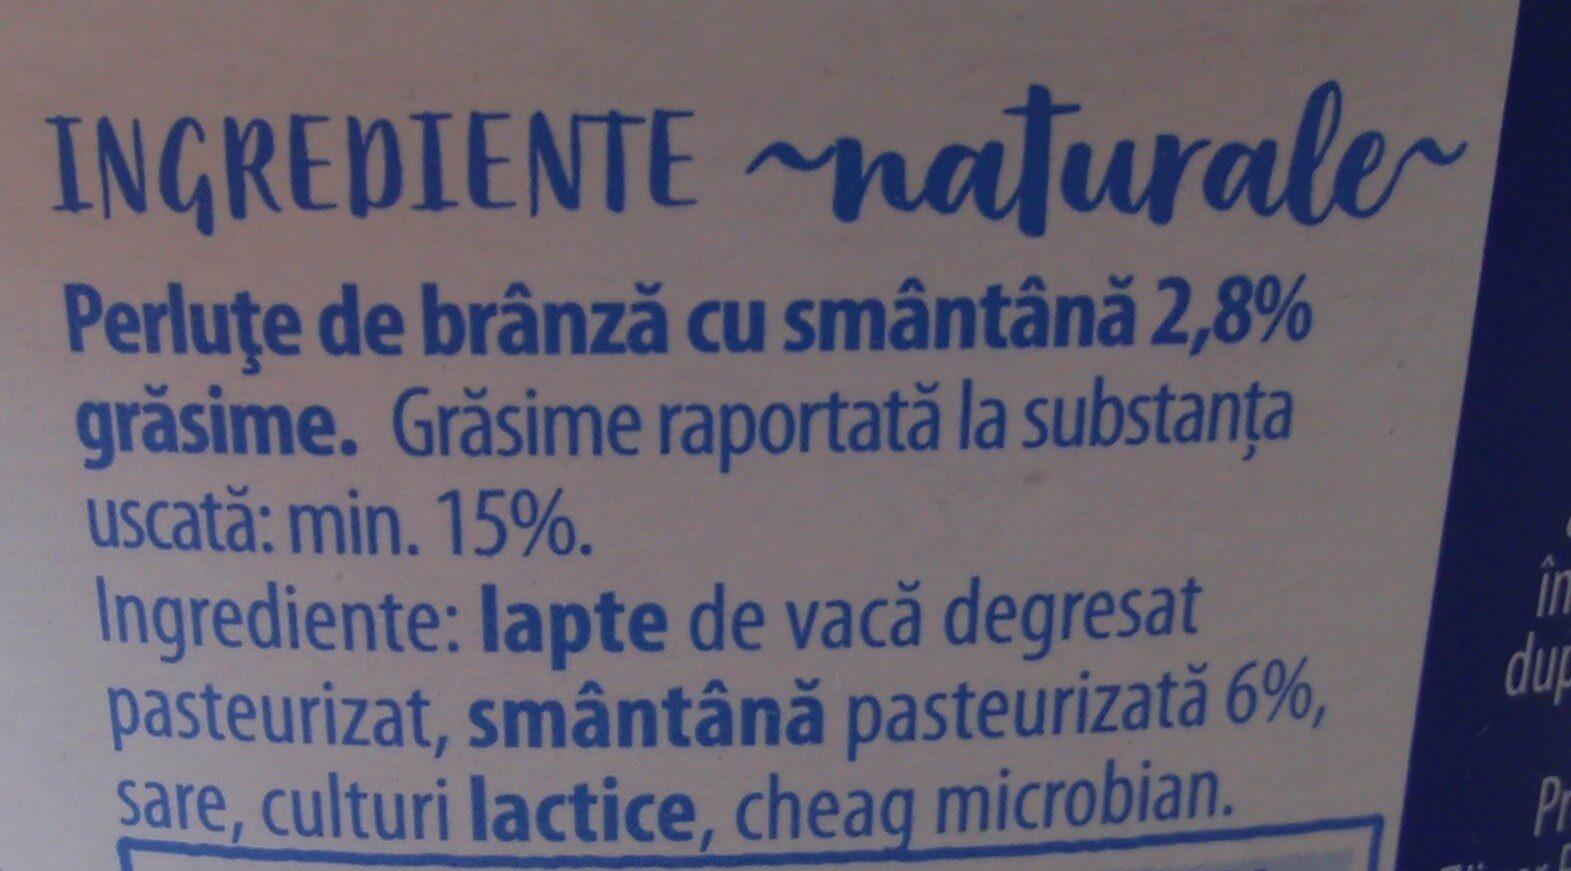 Hochland Perluțe de brânză cu smântână, 2,8% grăsime - Ingredients - ro